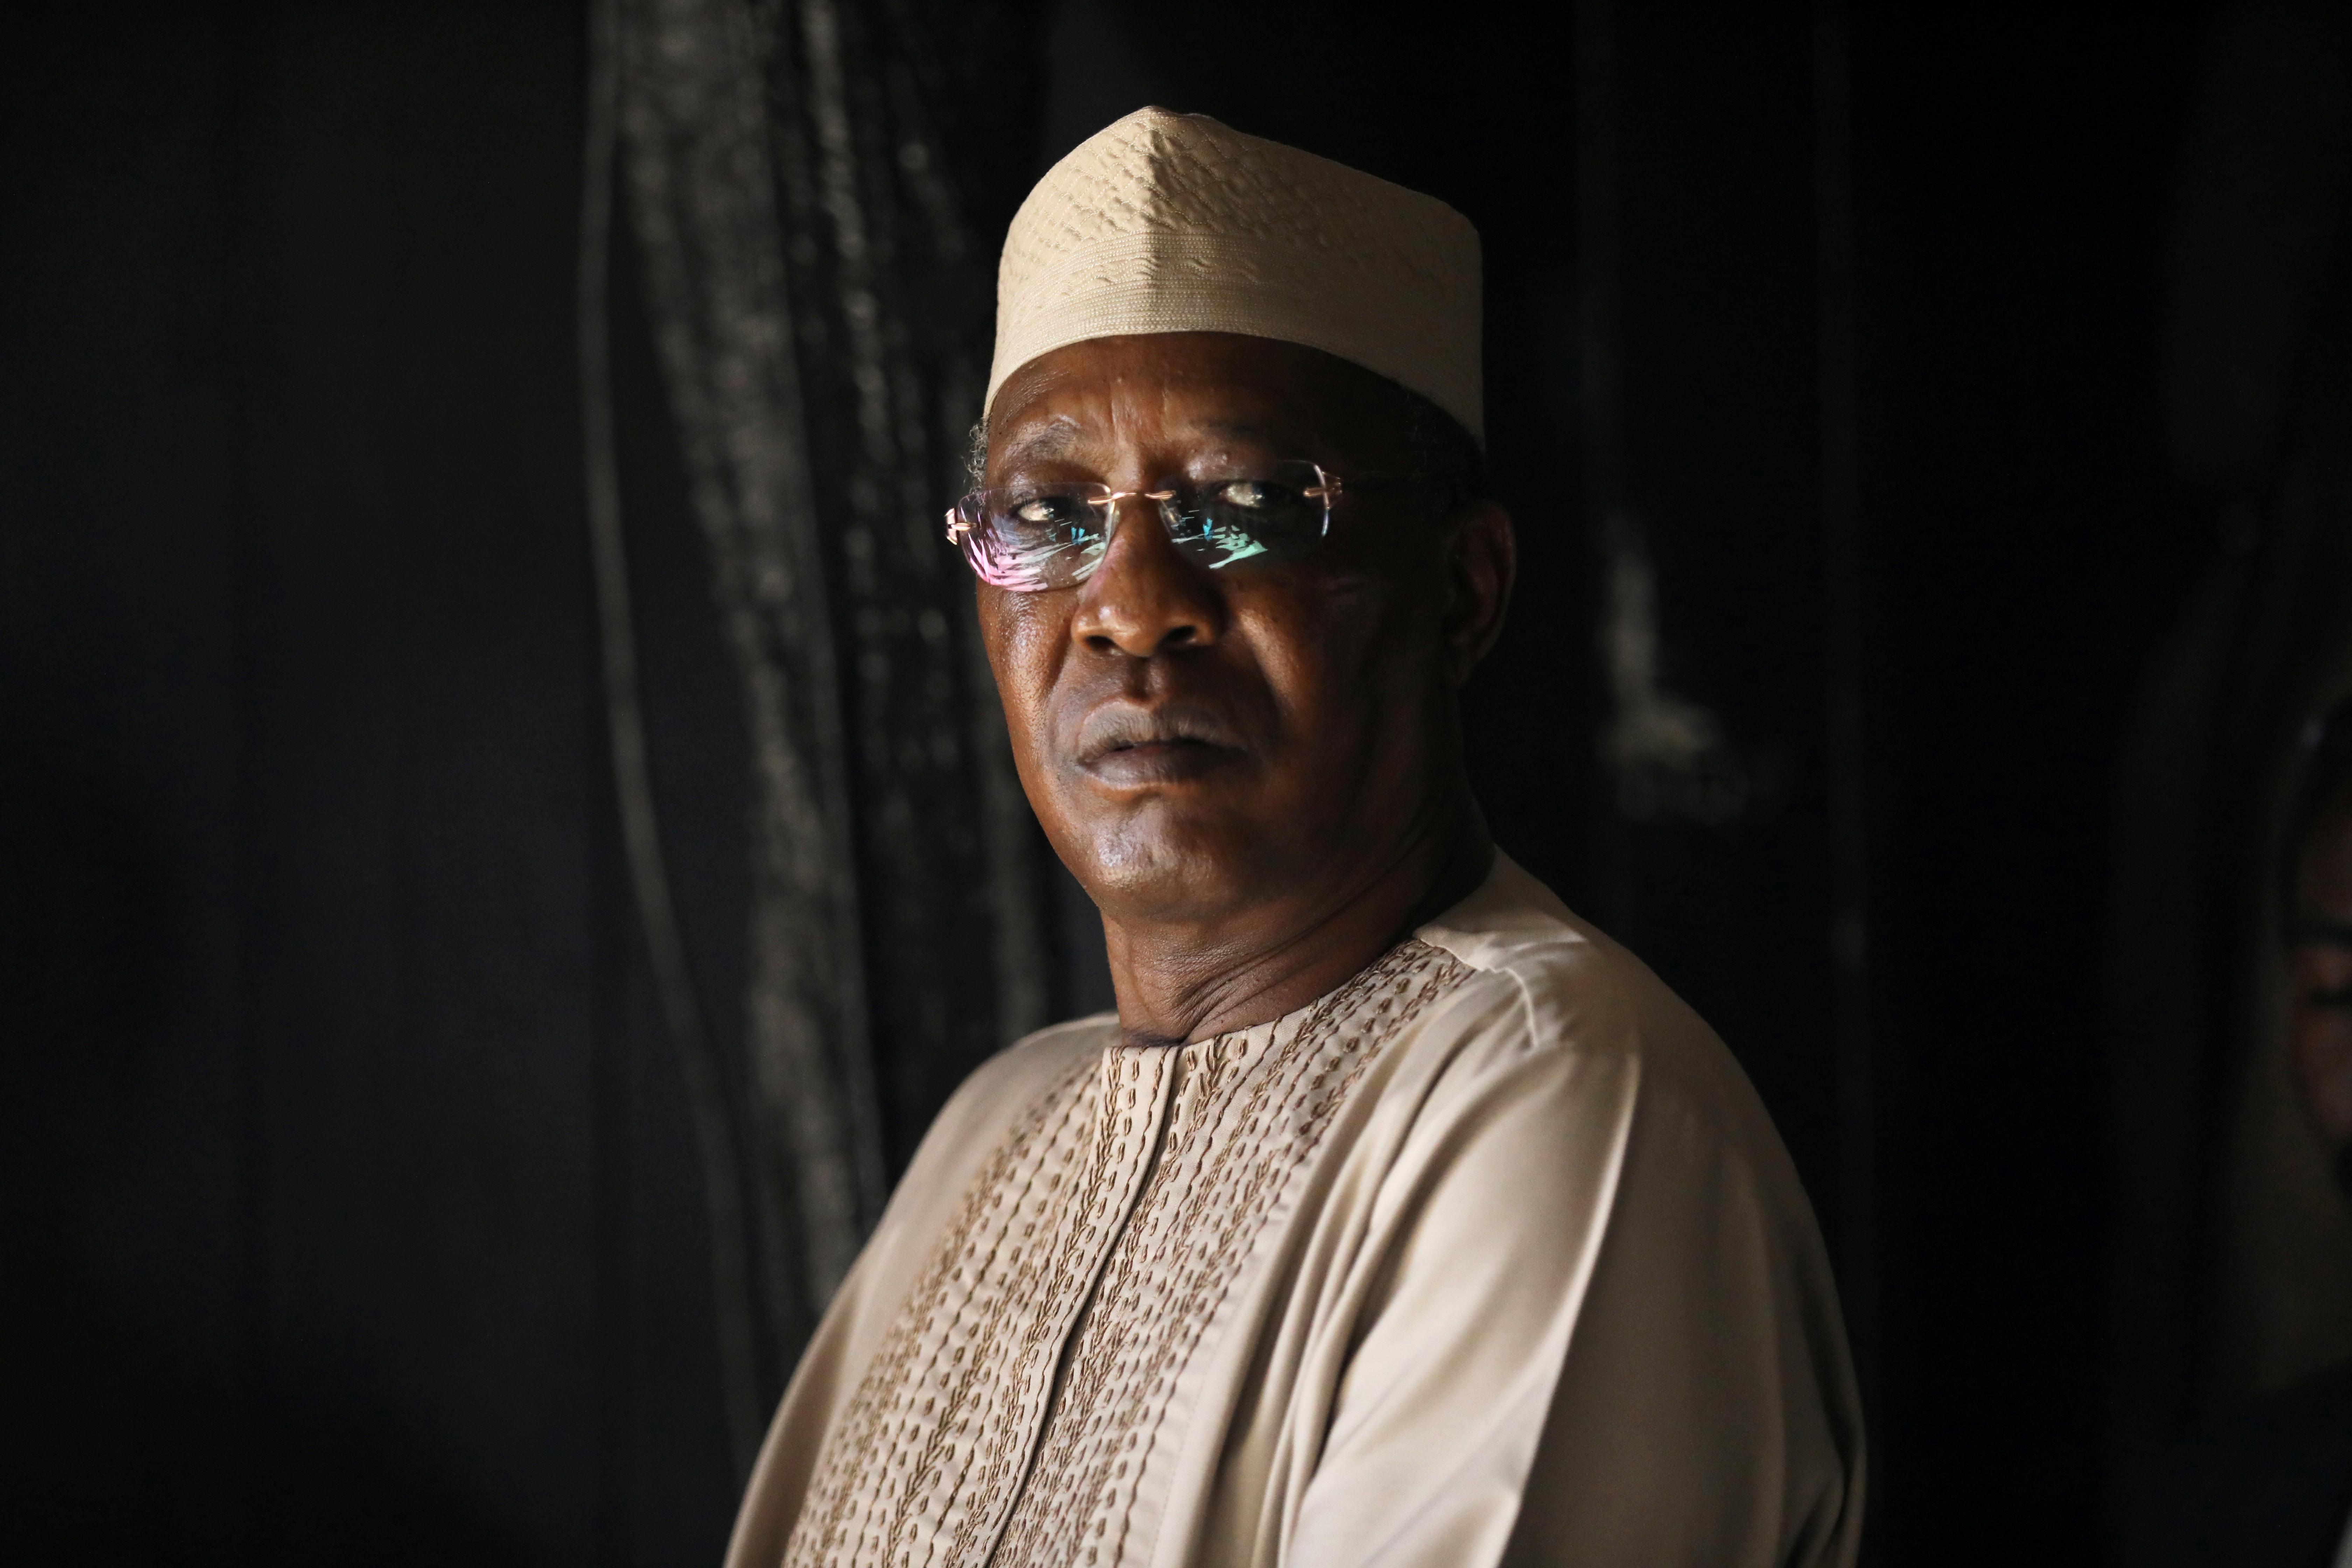 Chadian President Idriss Deby. REUTERS/Ammar Awad